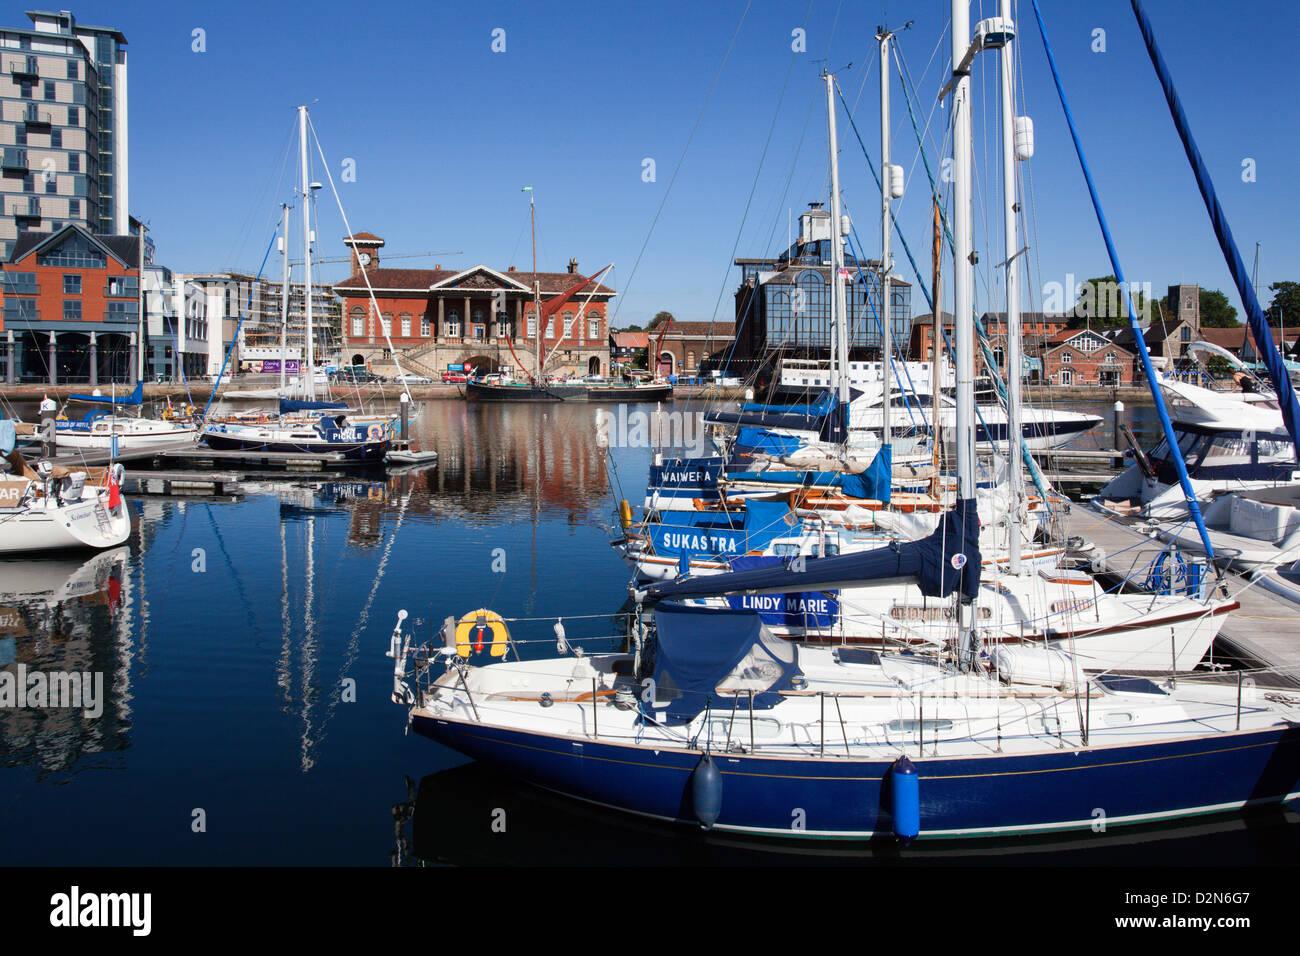 Yachten in Ipswich Haven Marina und das alte Zollhaus, Ipswich, Suffolk, England, Vereinigtes Königreich, Europa Stockbild